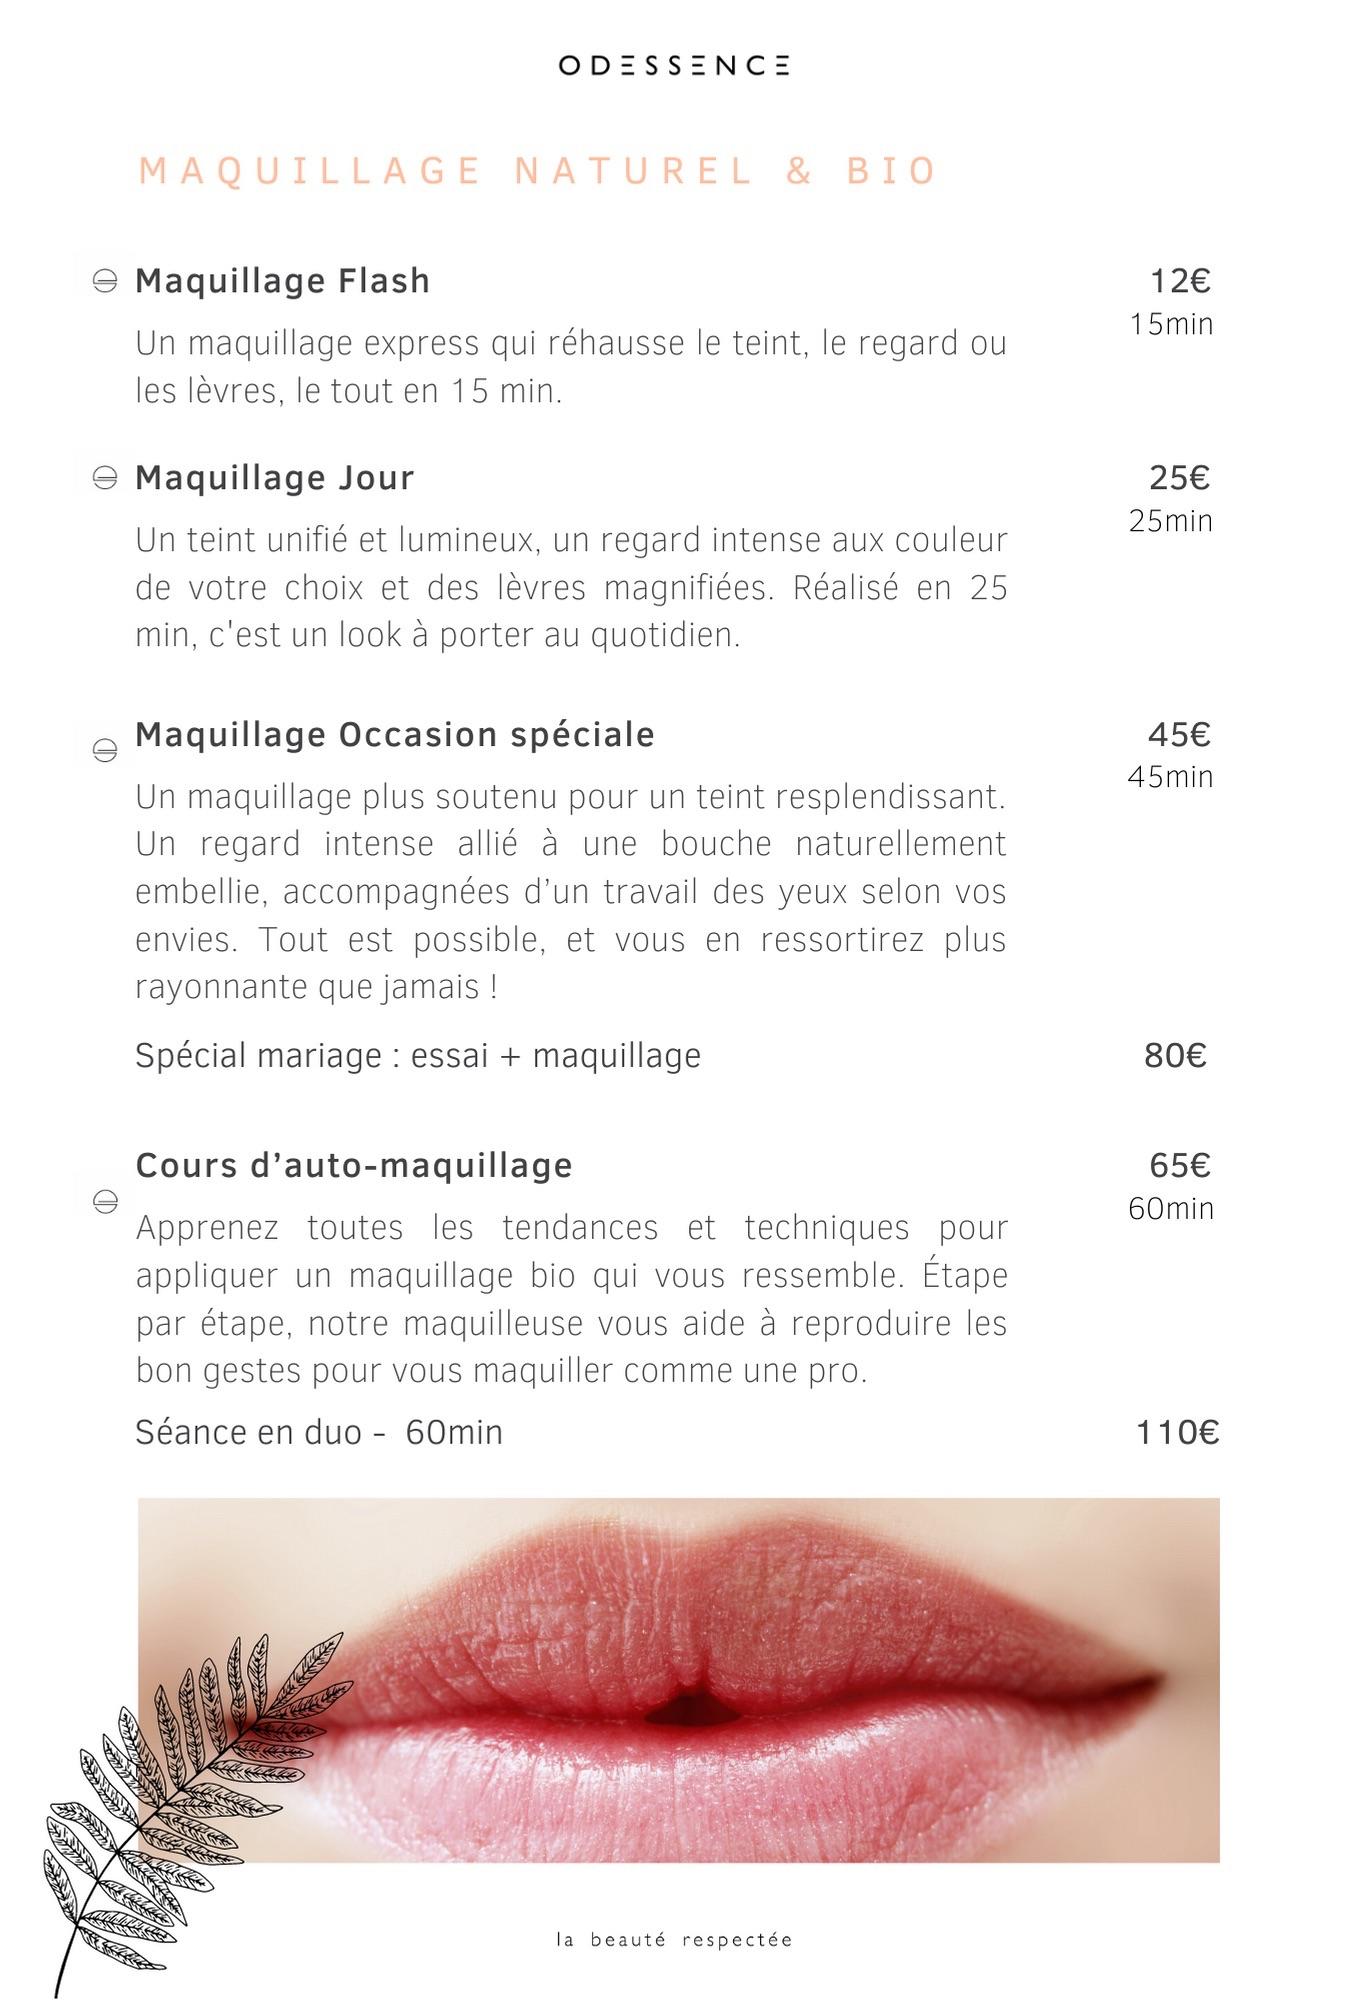 Carte des soins - Maquillage bio - Beauté naturelle & bio à Bordeaux